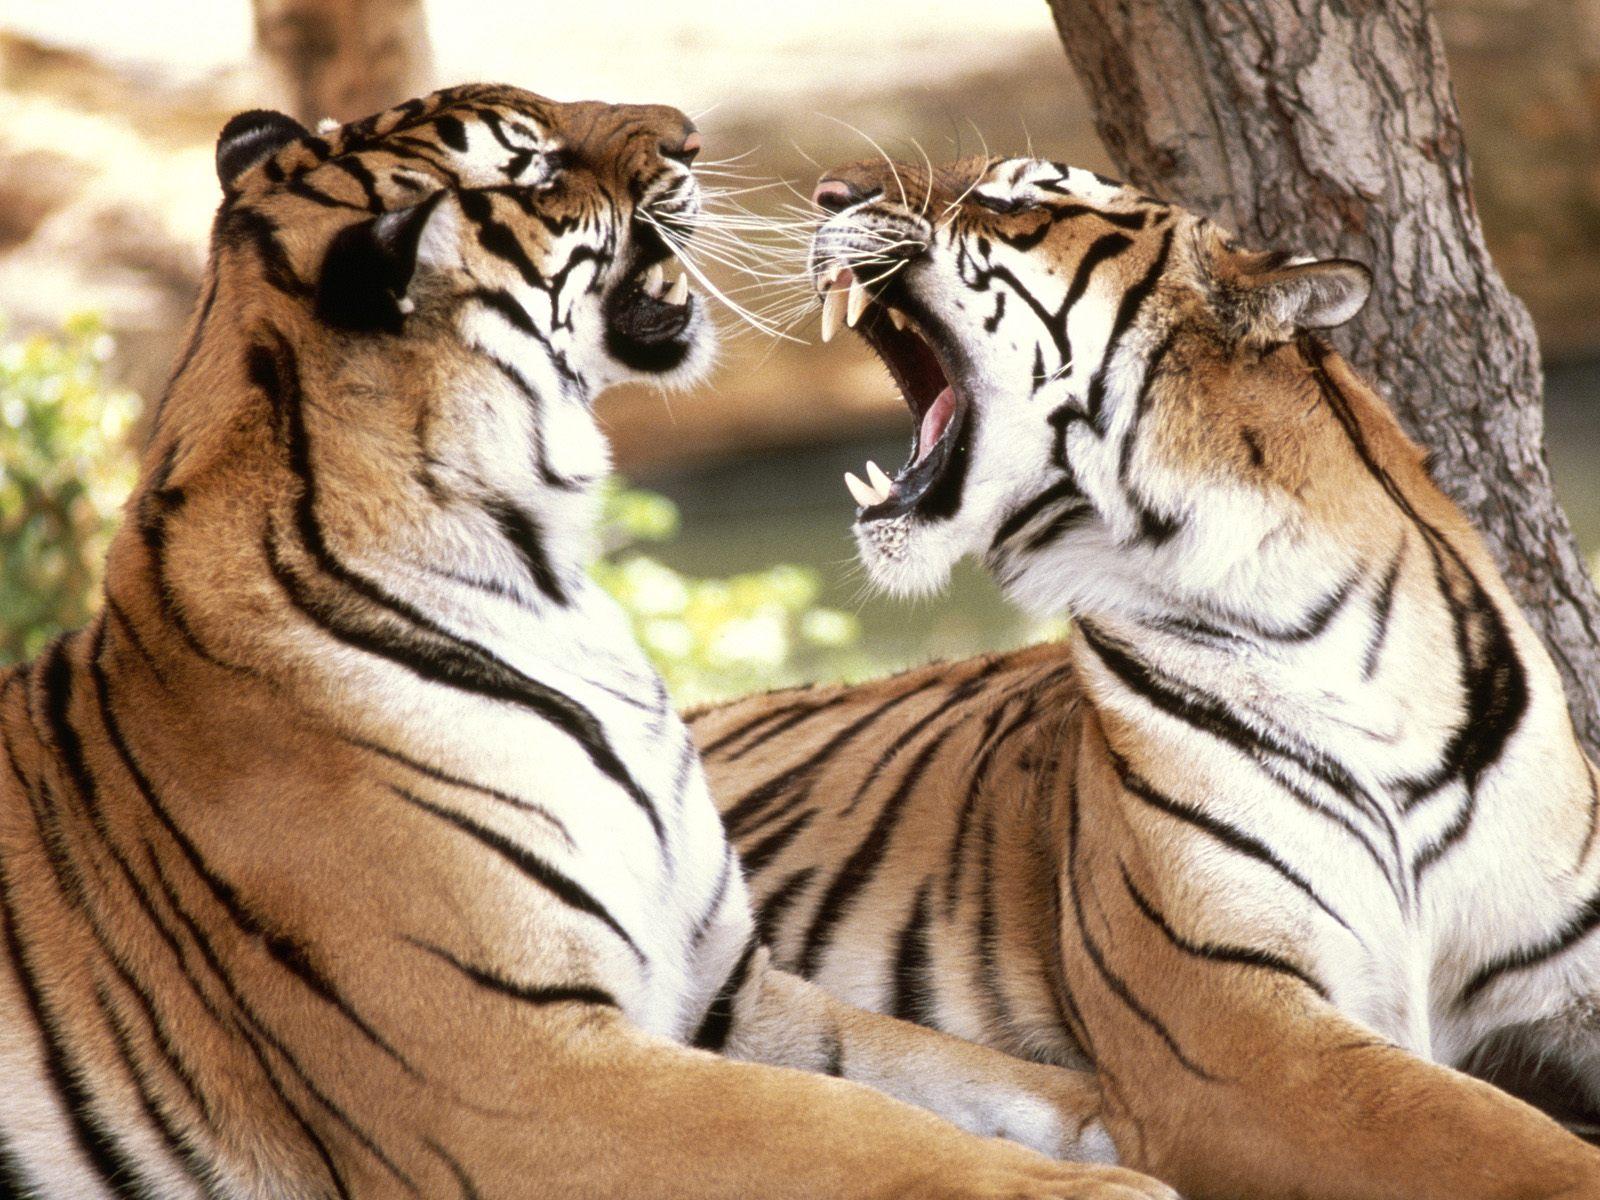 http://1.bp.blogspot.com/-vc1un8CNDys/T7sPzzULDyI/AAAAAAAADb8/A6xWZAbfYAQ/s1600/Tiger3.jpg